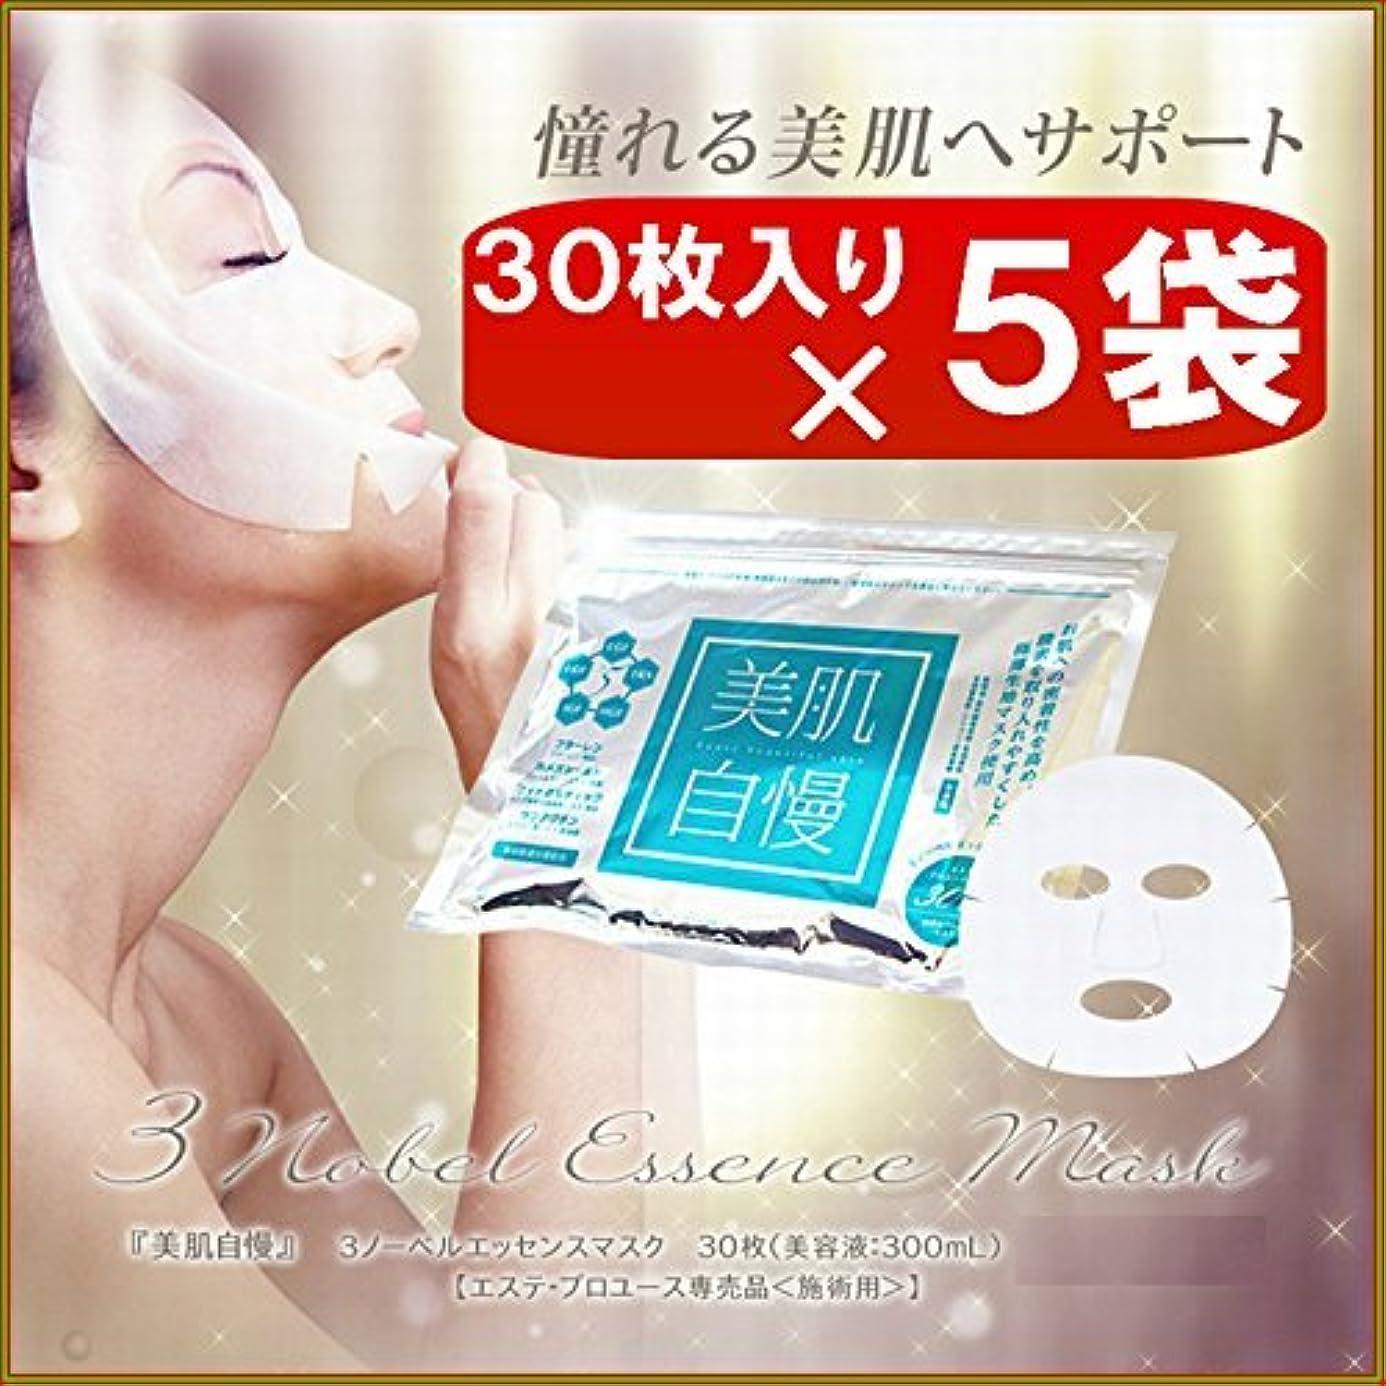 累計サージスーツケース美肌自慢フェイスマスク 30枚入り ×超お得5袋セット 《エッセンスマスク、EGF、IGF、ヒアルロン酸、プラセンタ、アルブチン、カタツムリエキス、しみ、しわ》